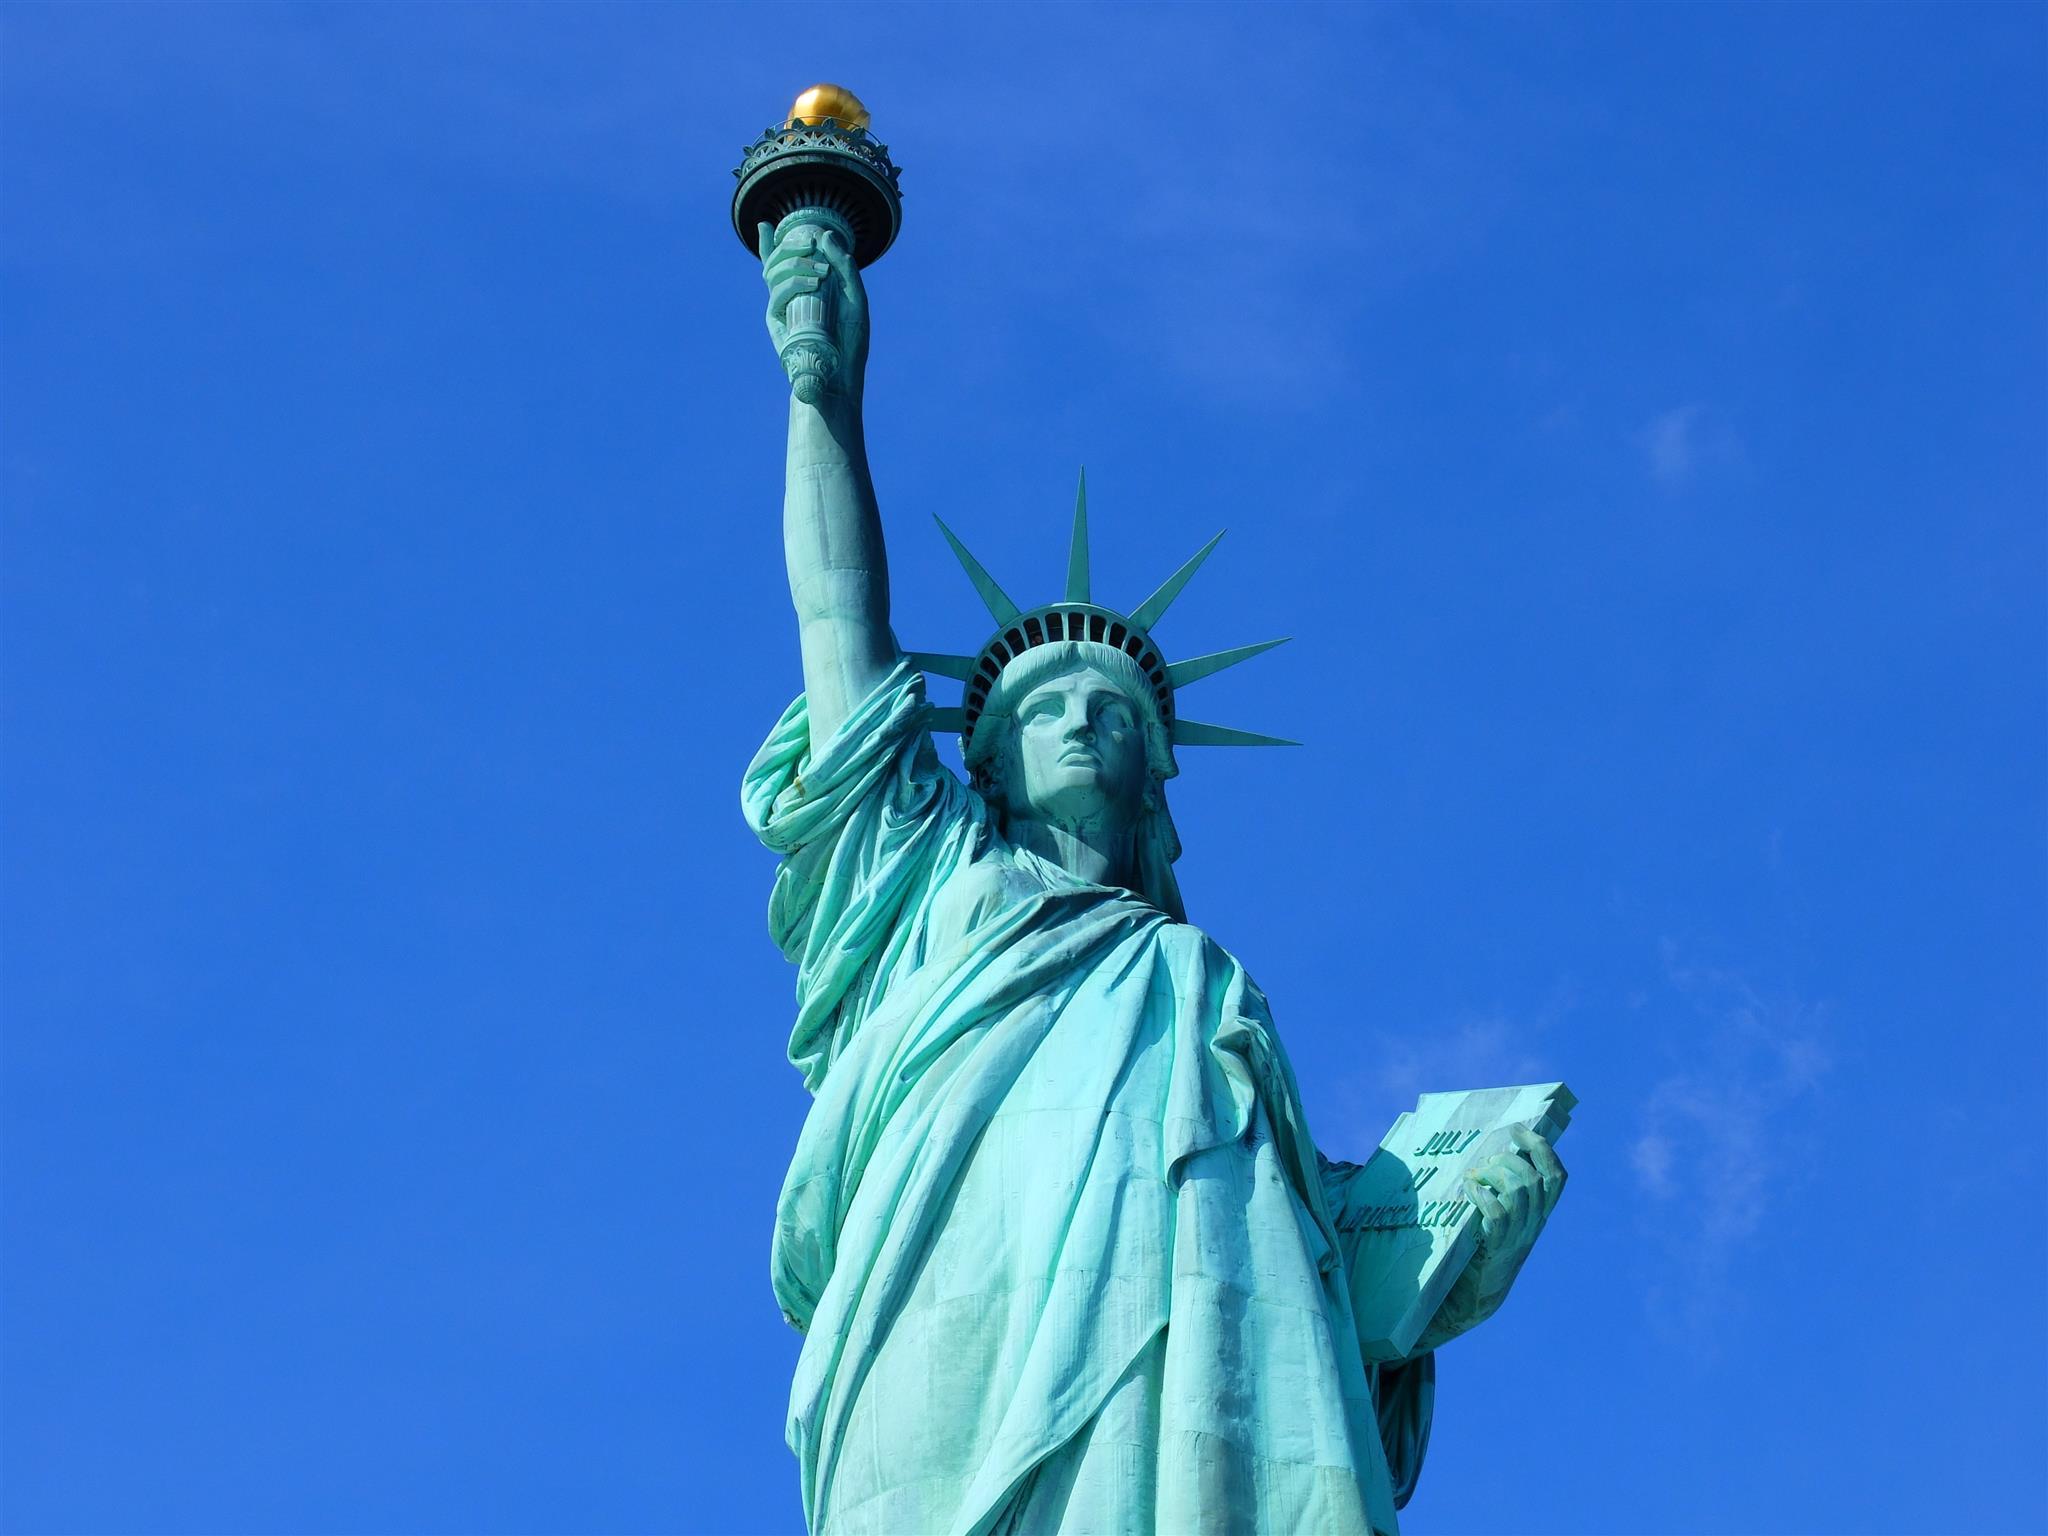 guia básico de nova york, estátua da liberdade